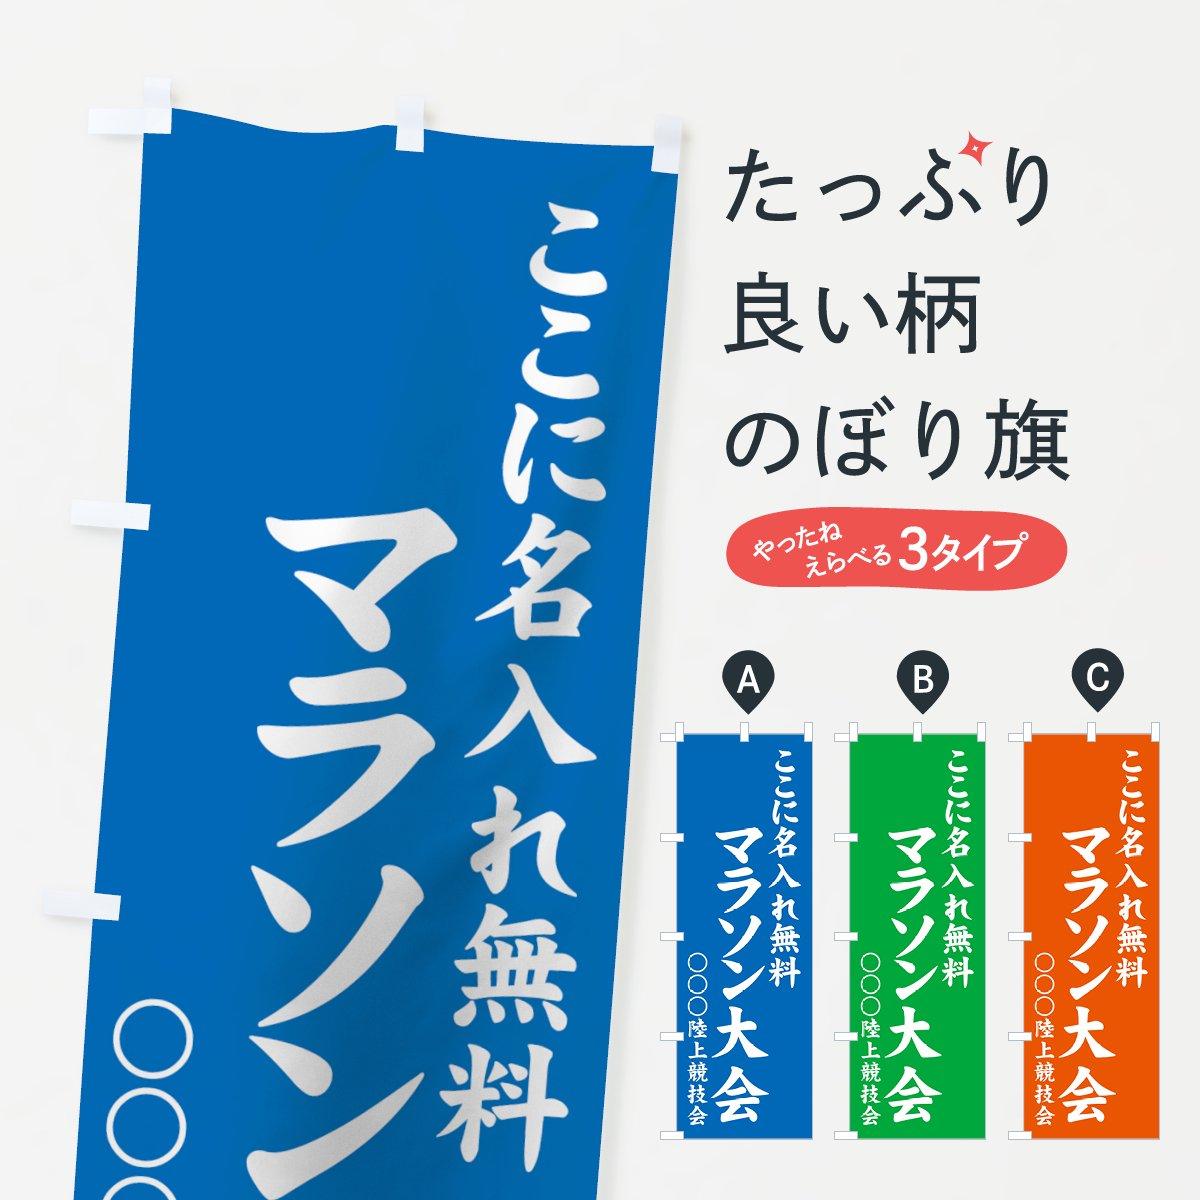 【名入無料】のぼり旗 マラソン大会